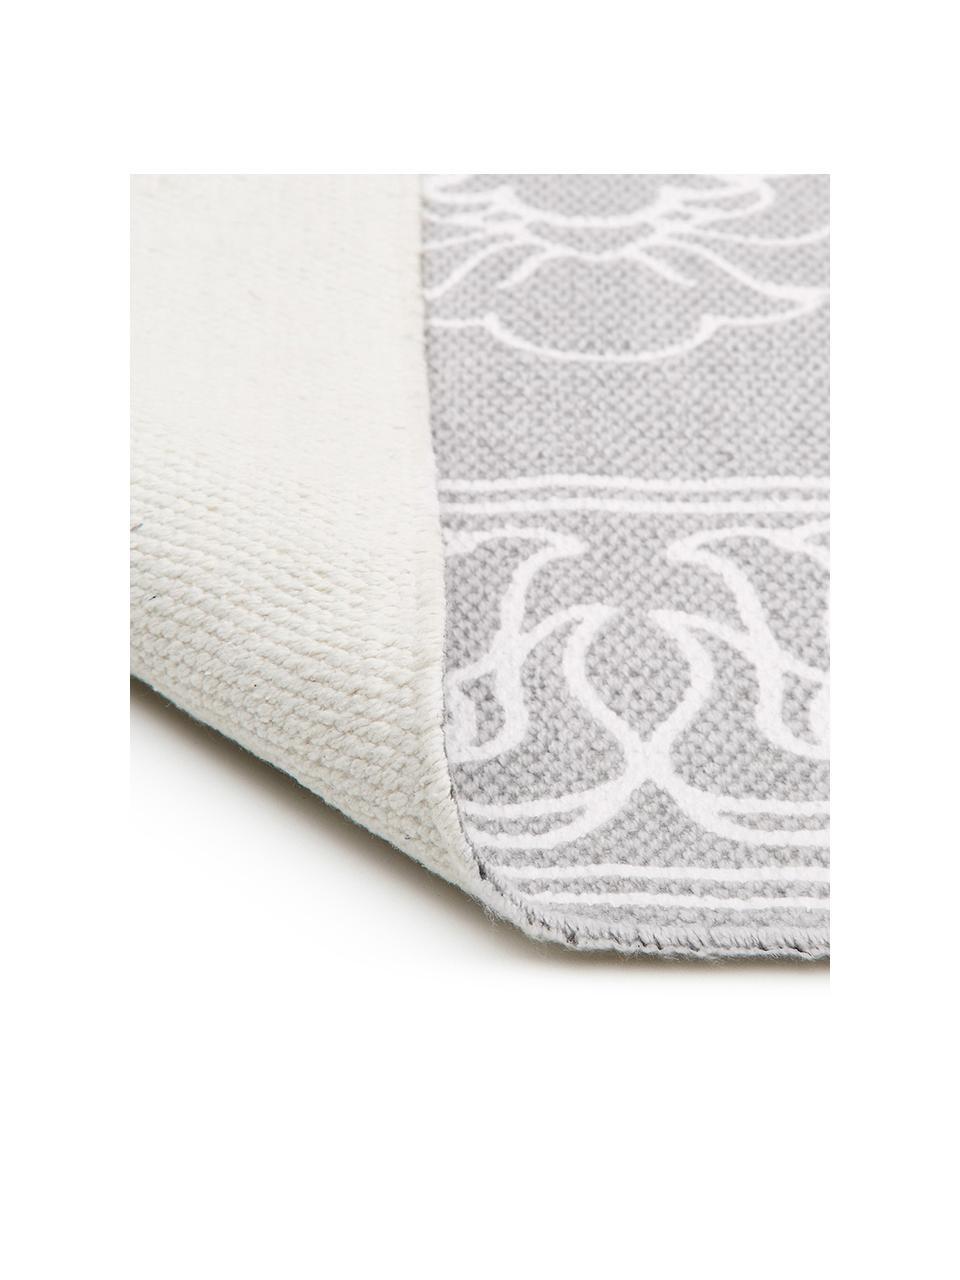 Ręcznie tkany dywan z bawełny z chwostami Salima, 100% bawełna, Jasny szary, kremowobiały, S 70 x D 140 cm (Rozmiar XS)